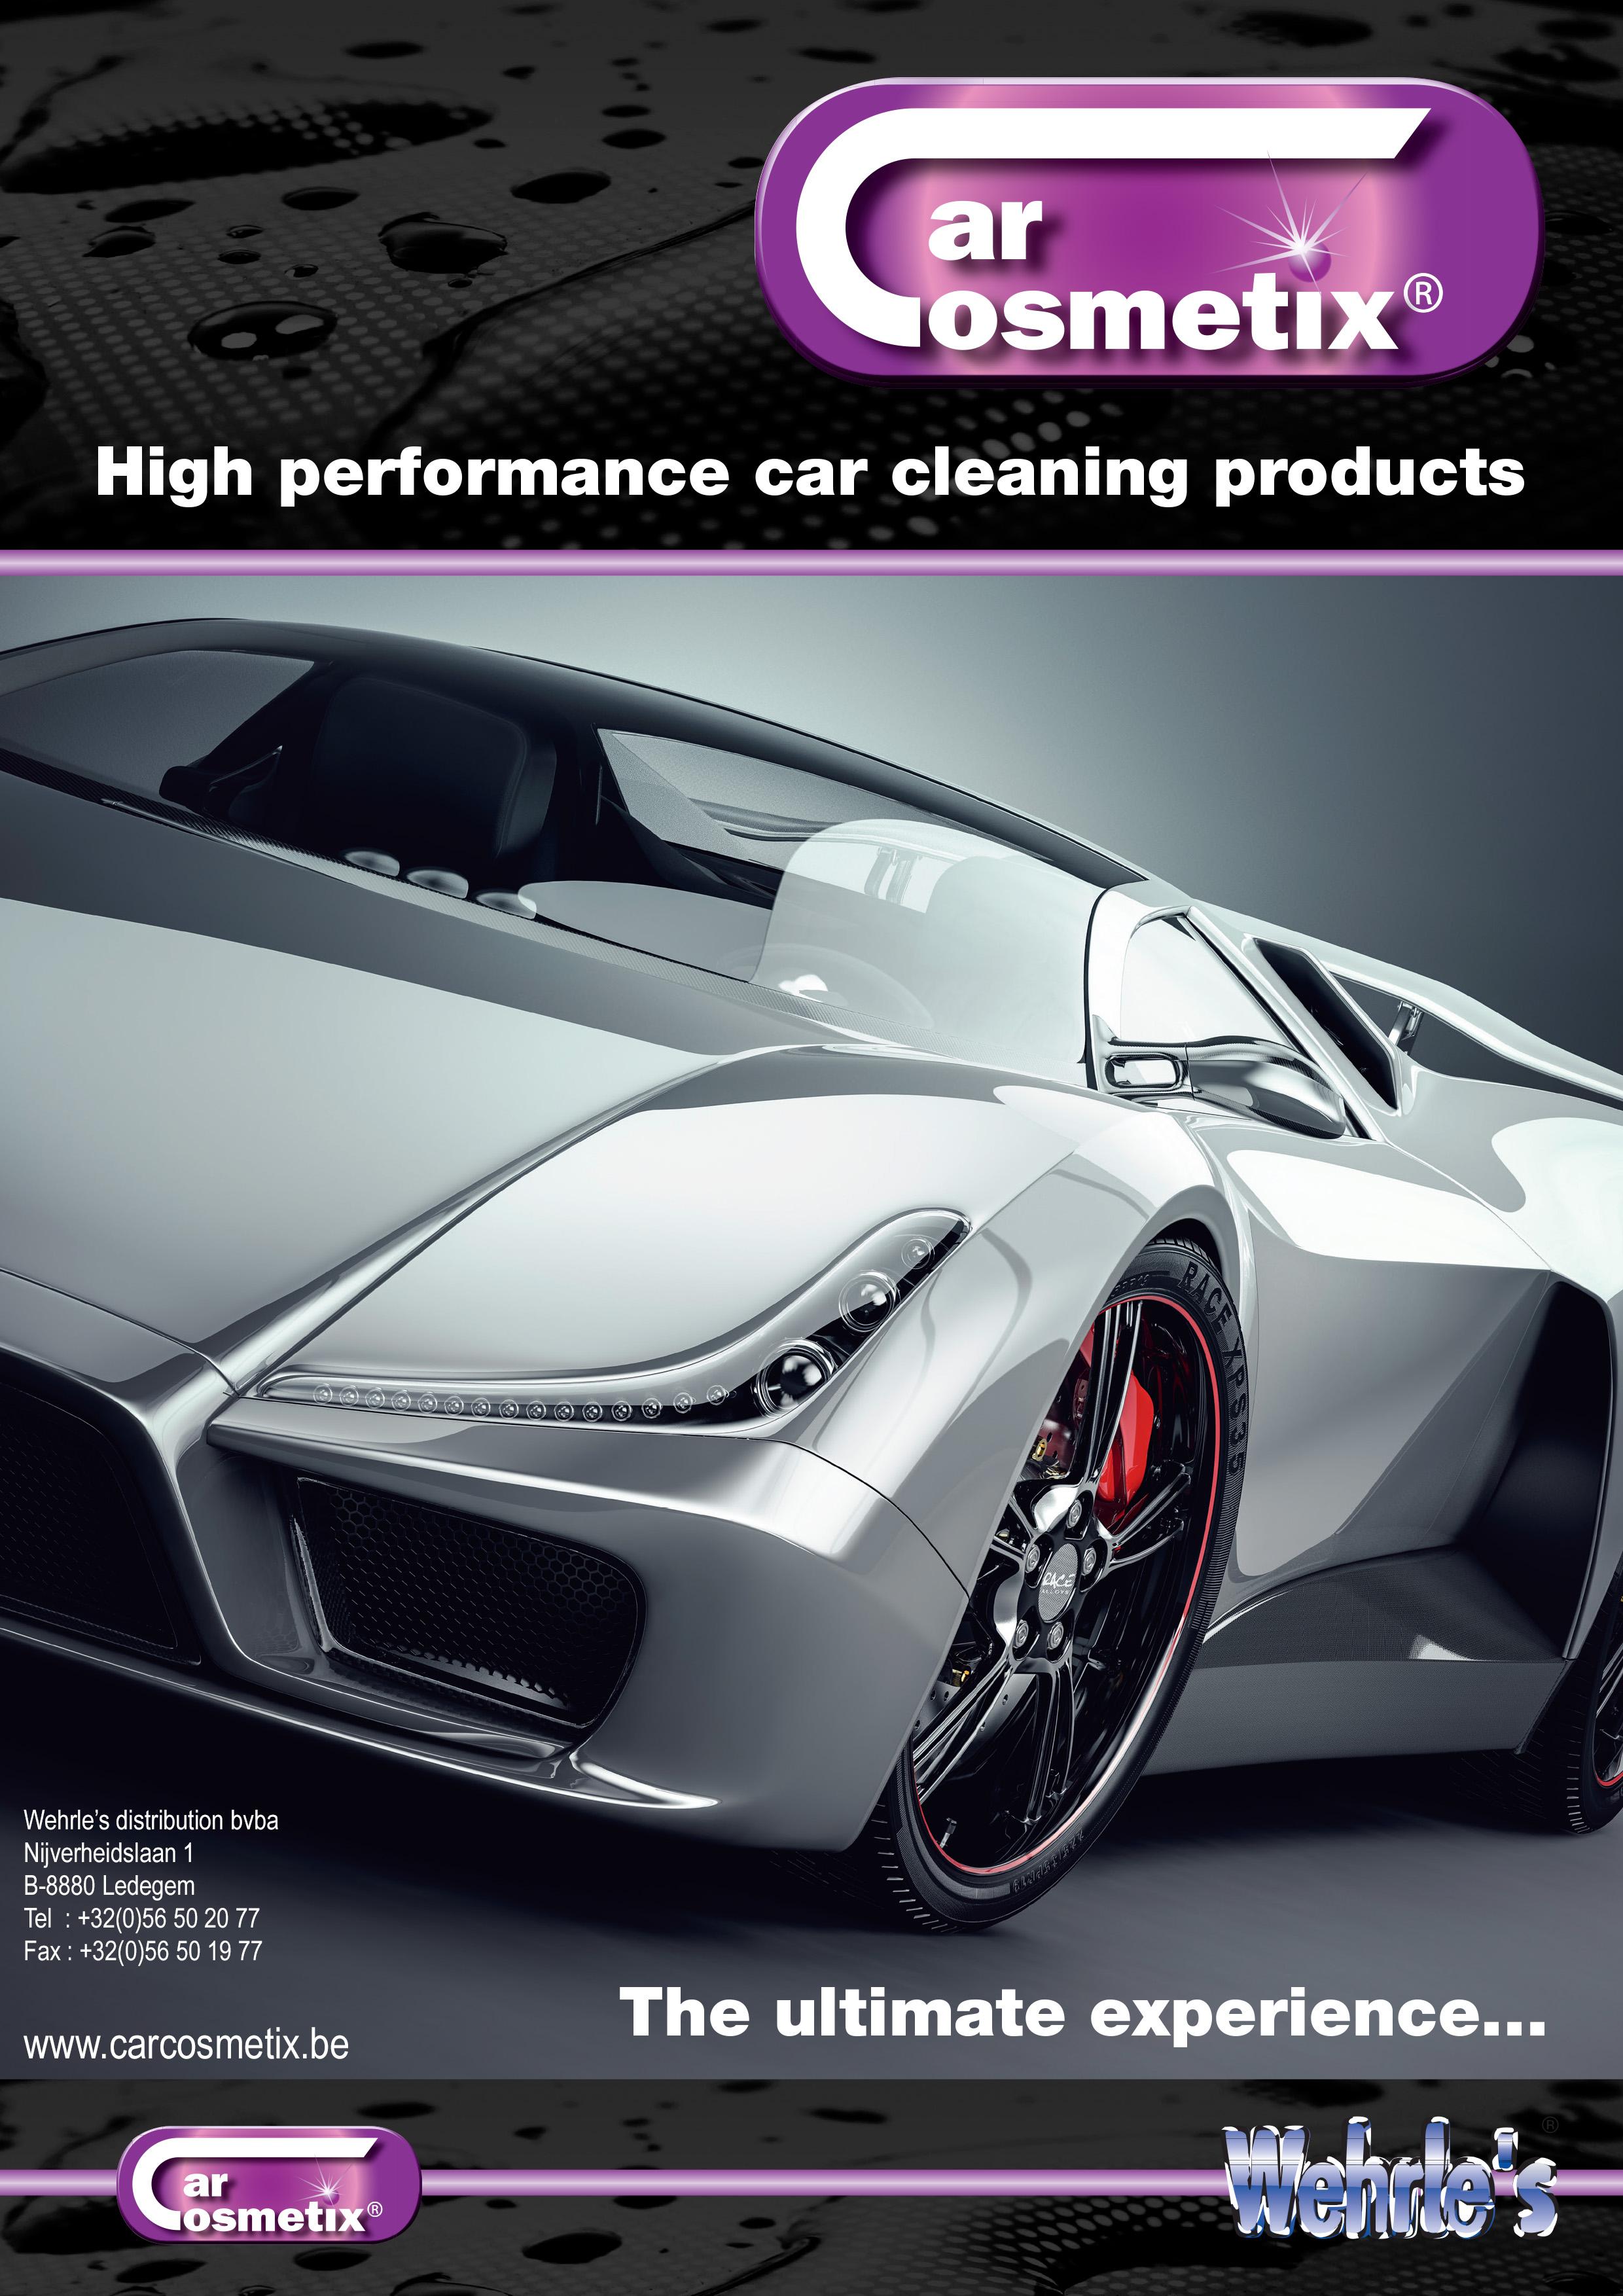 car cosmetix1.jpg